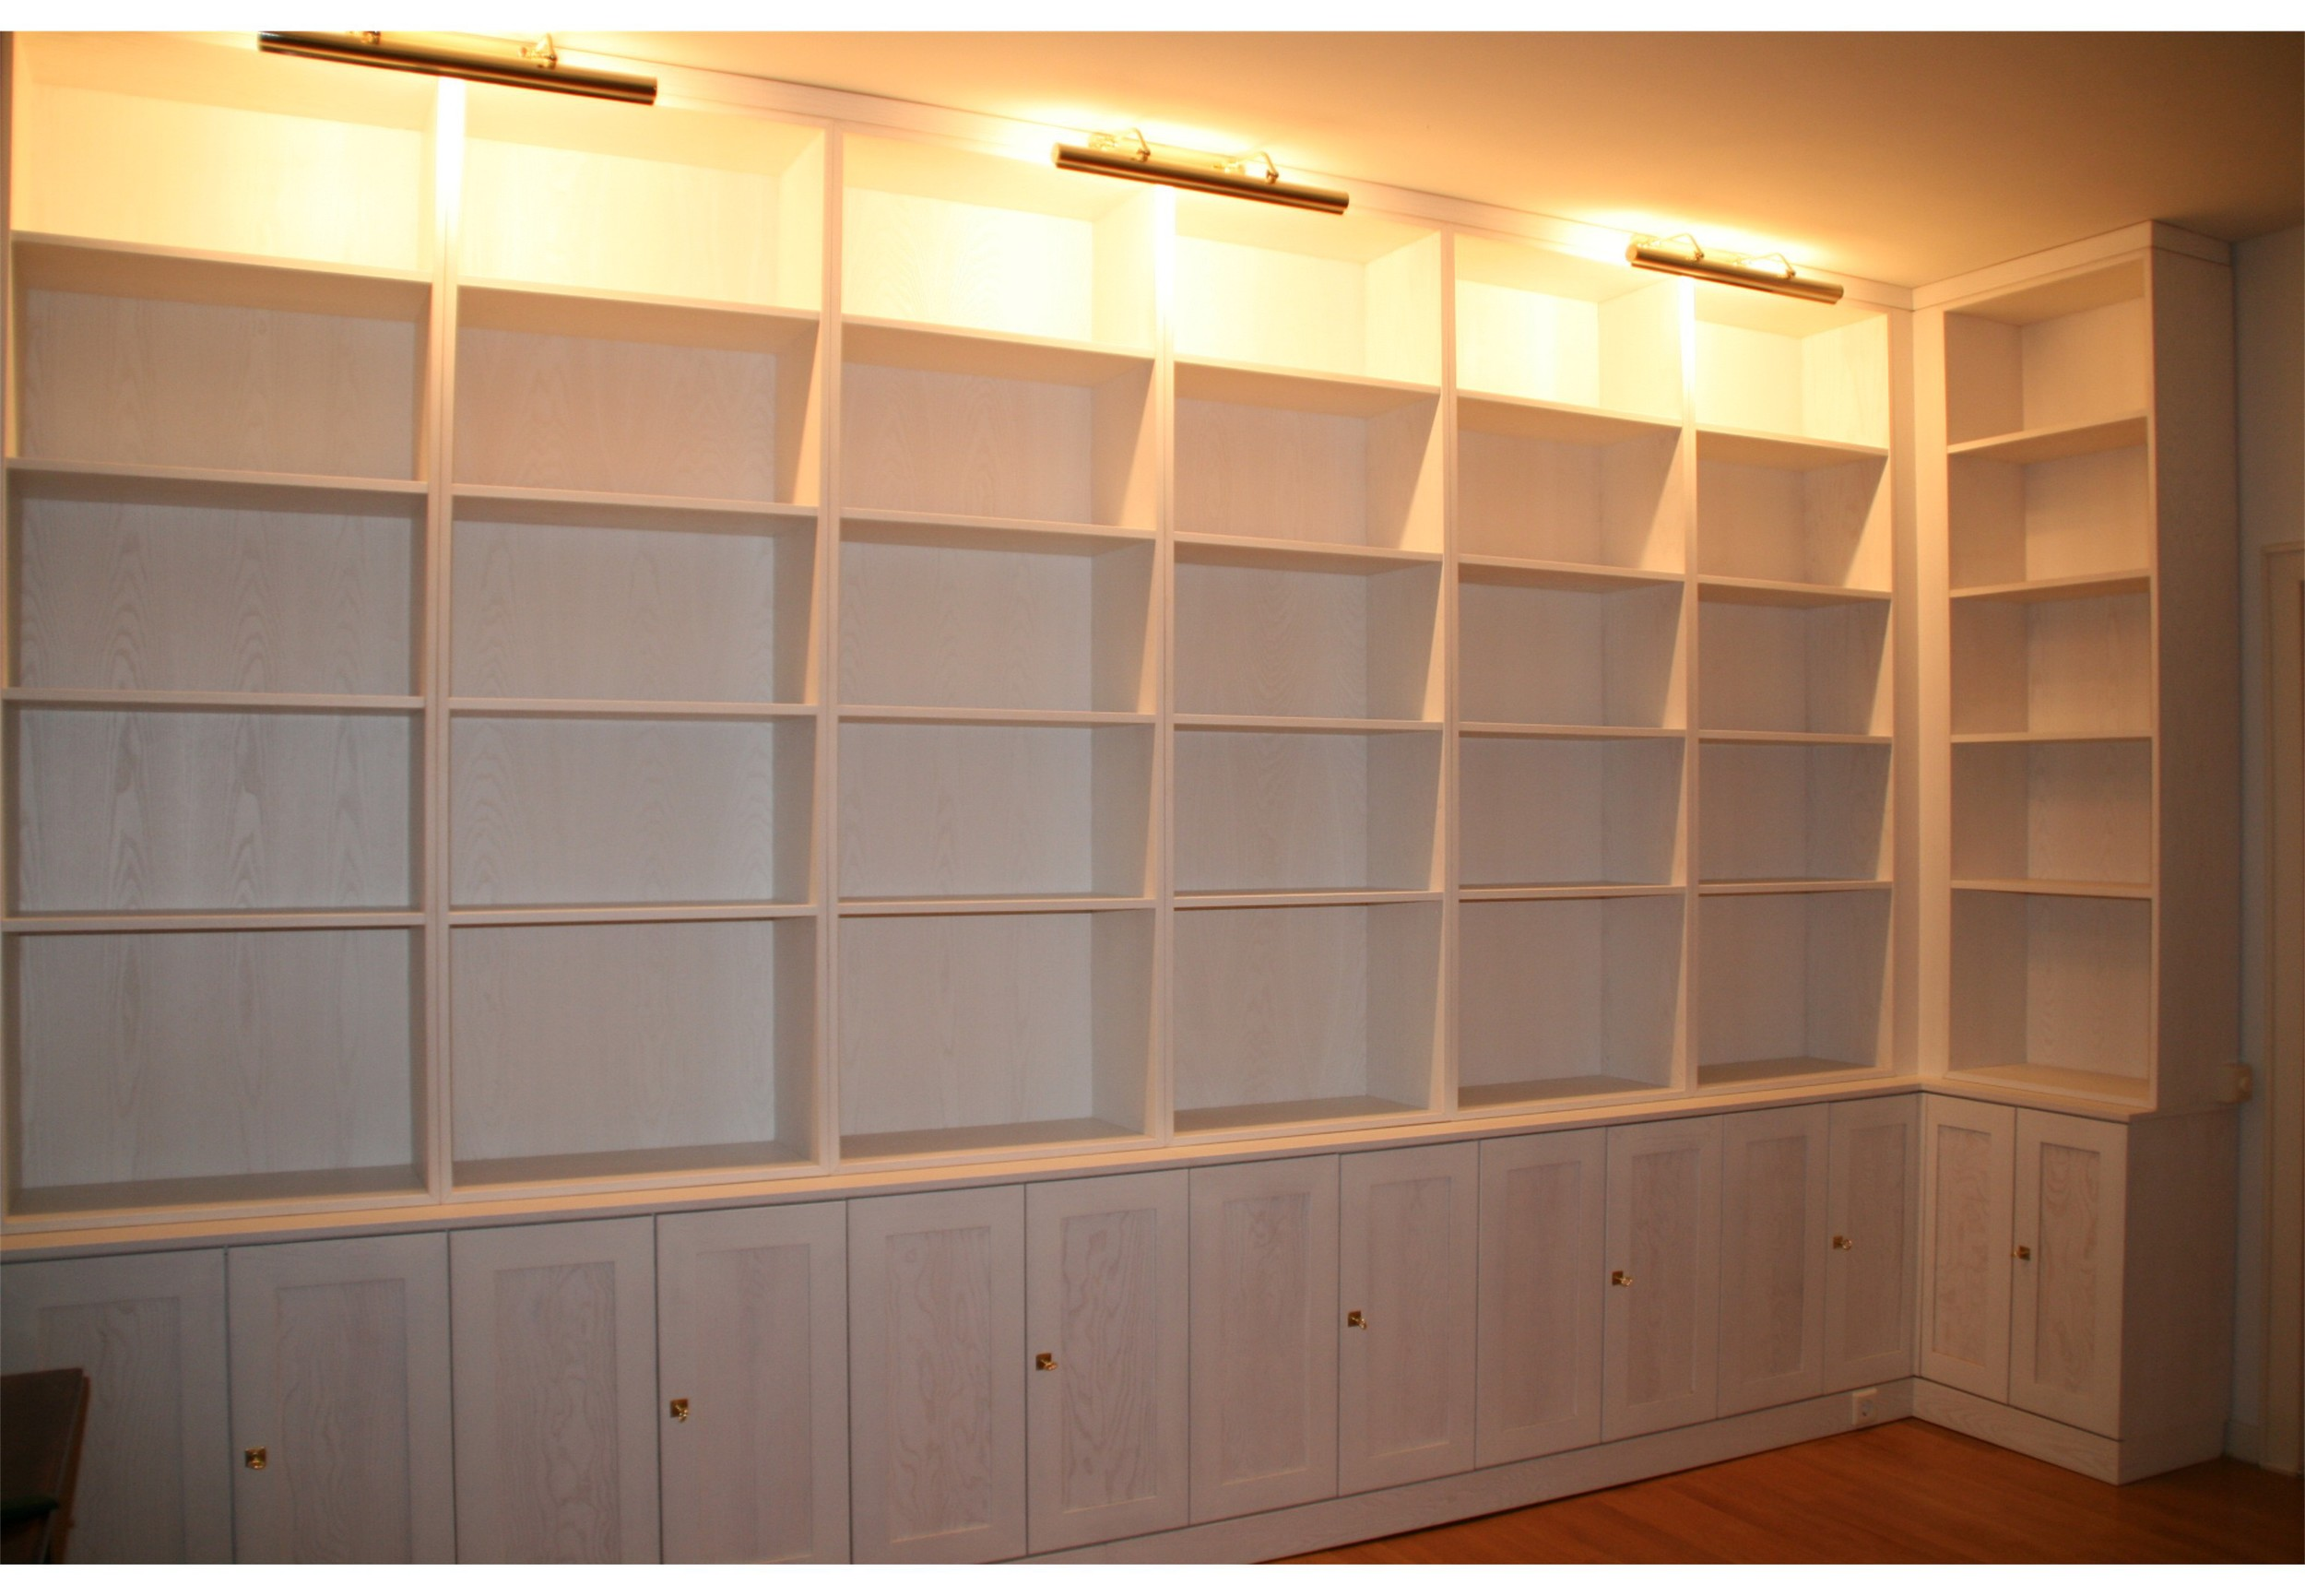 bibliothek-esche-weiss (3)or.jpg